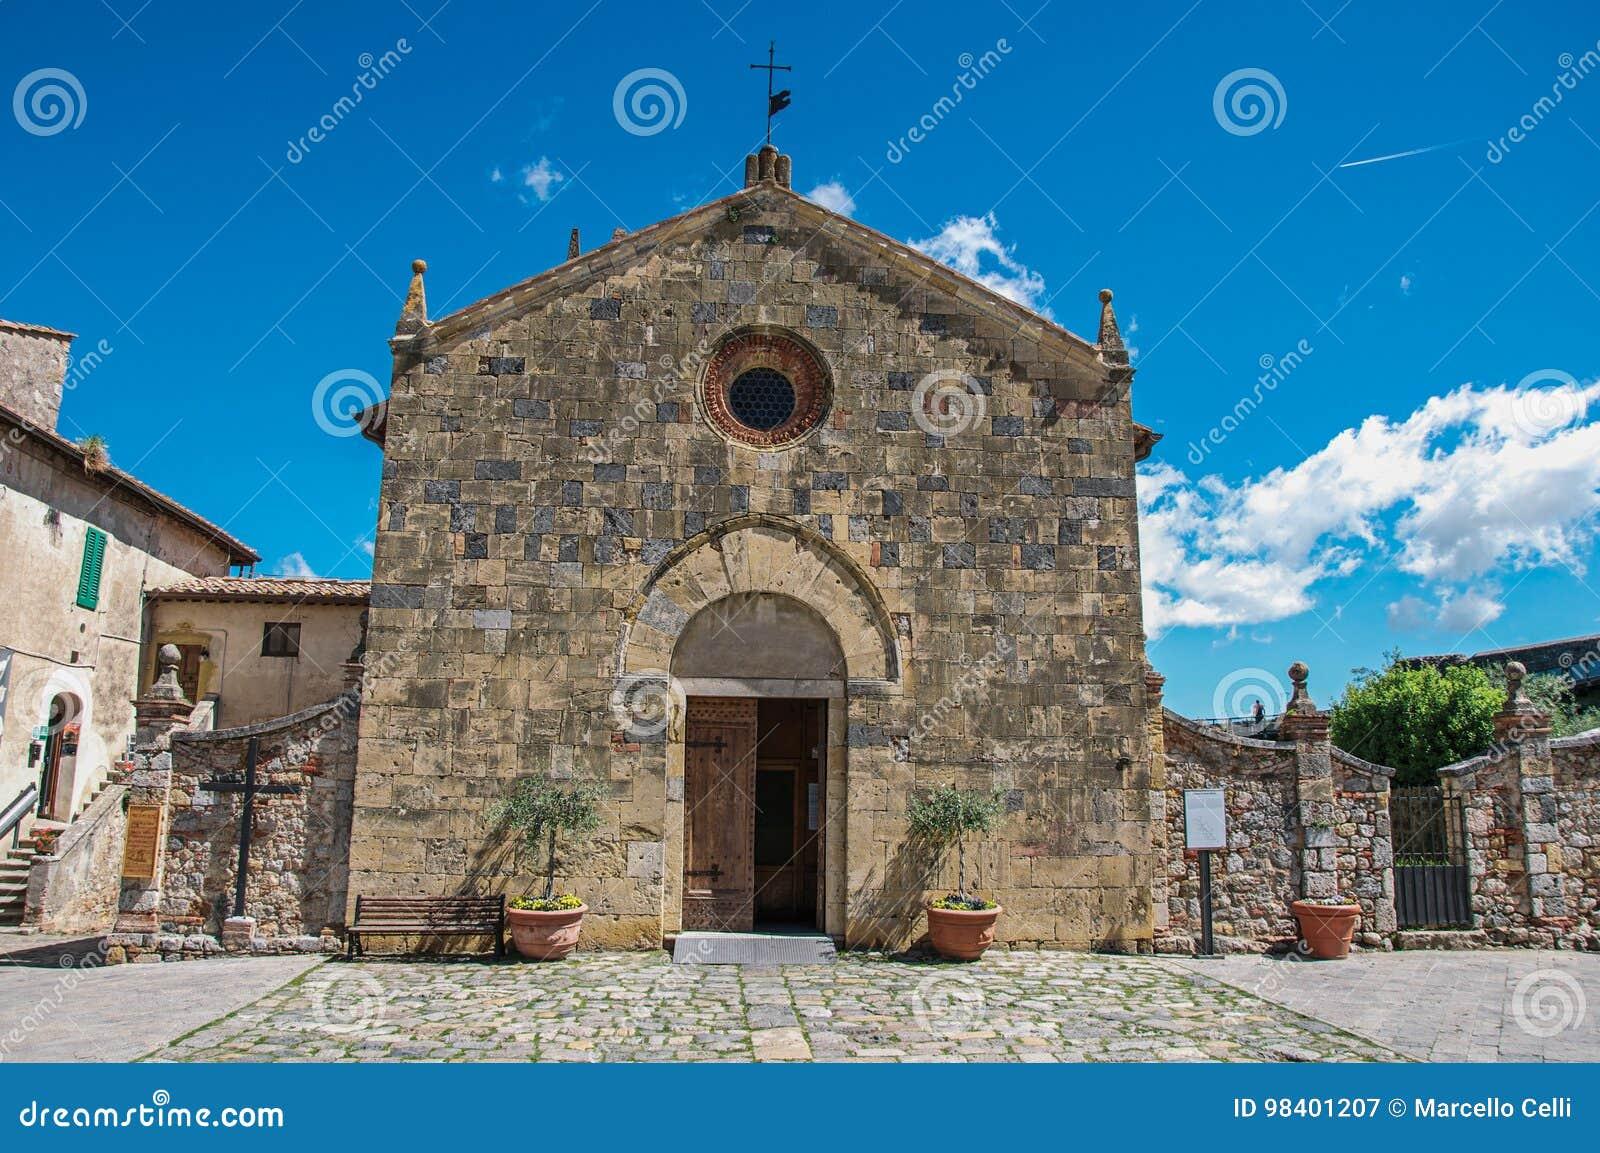 Άποψη προσόψεων μιας παλαιάς εκκλησίας σε μια ηλιόλουστη ημέρα στο χωριουδάκι Monteriggioni